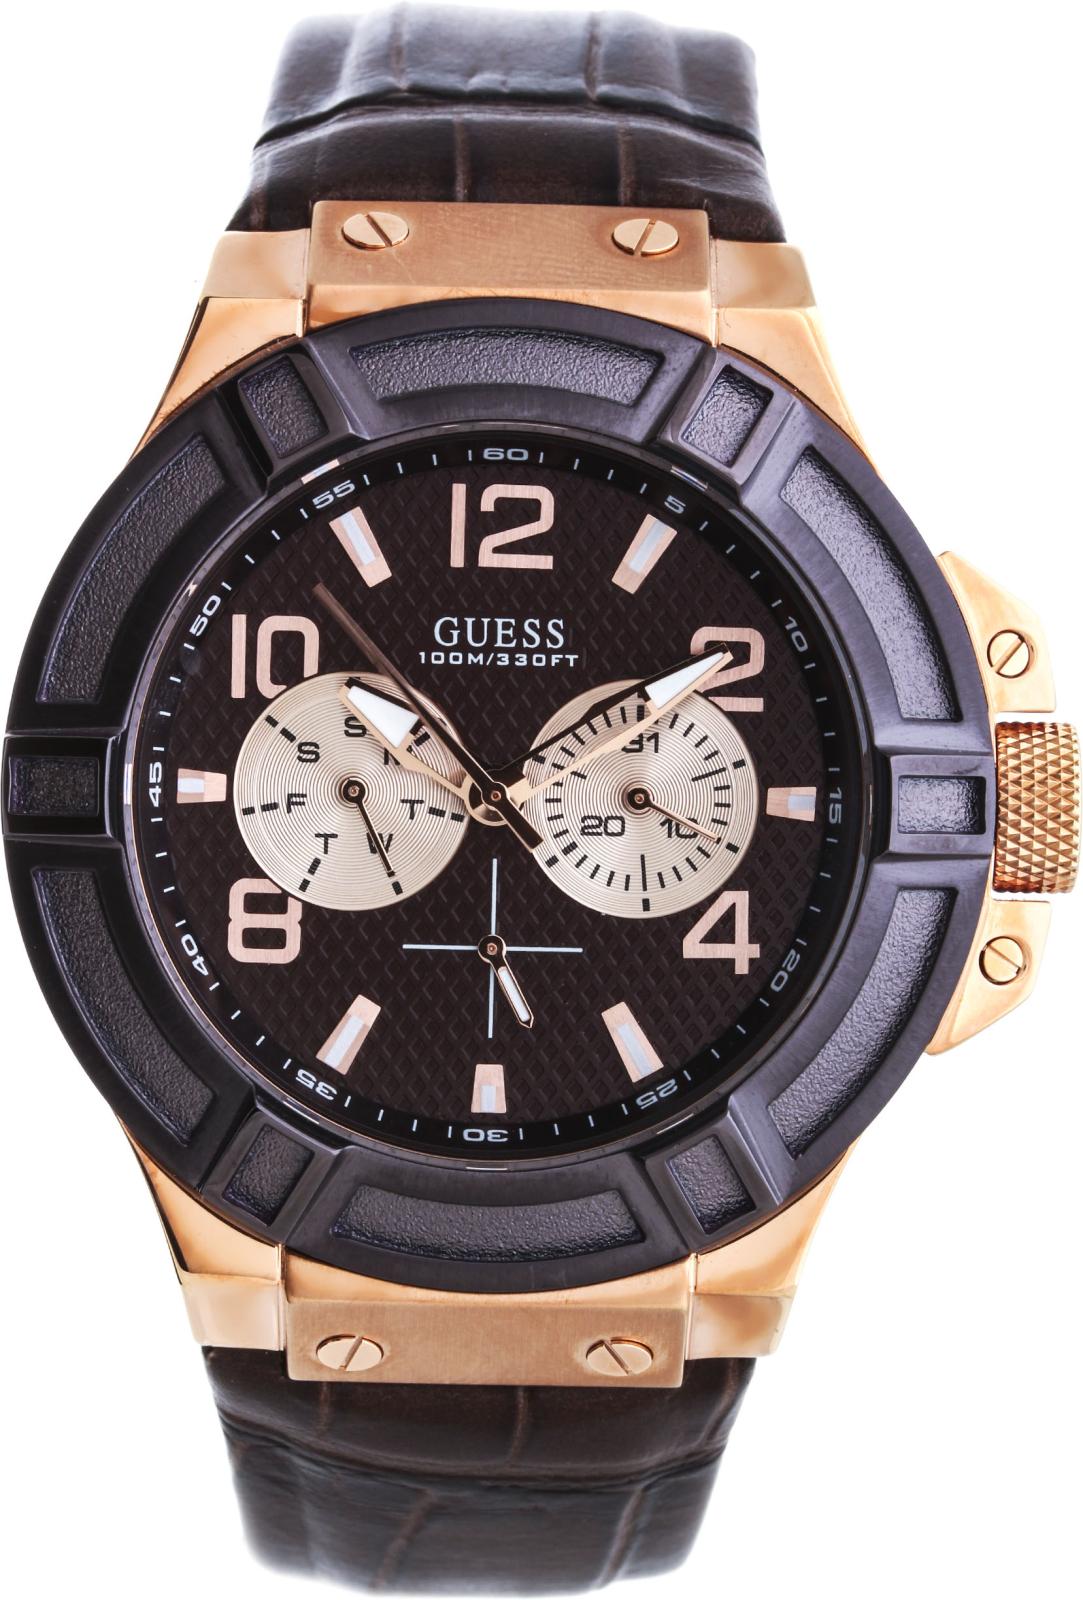 Guess  W0040G3Наручные часы<br>Американскиечасы Guess W0040G3Это модные мужские часы. Материал корпуса часов — сталь. В этой модели стоит минеральное стекло. Часы выдерживают давление на глубине 100 м. Цвет циферблата - коричневый. Циферблат часов содержит часы, минуты, секунды. В этой модели используются такие усложнения как дата, день недели, . Диаметр корпуса данной модели 45мм.<br><br>Пол: Мужские<br>Страна-производитель: США<br>Механизм: Кварцевый<br>Материал корпуса: Сталь<br>Материал ремня/браслета: Кожа<br>Водозащита, диапазон: None<br>Стекло: Минеральное<br>Толщина корпуса: 13<br>Стиль: Классика